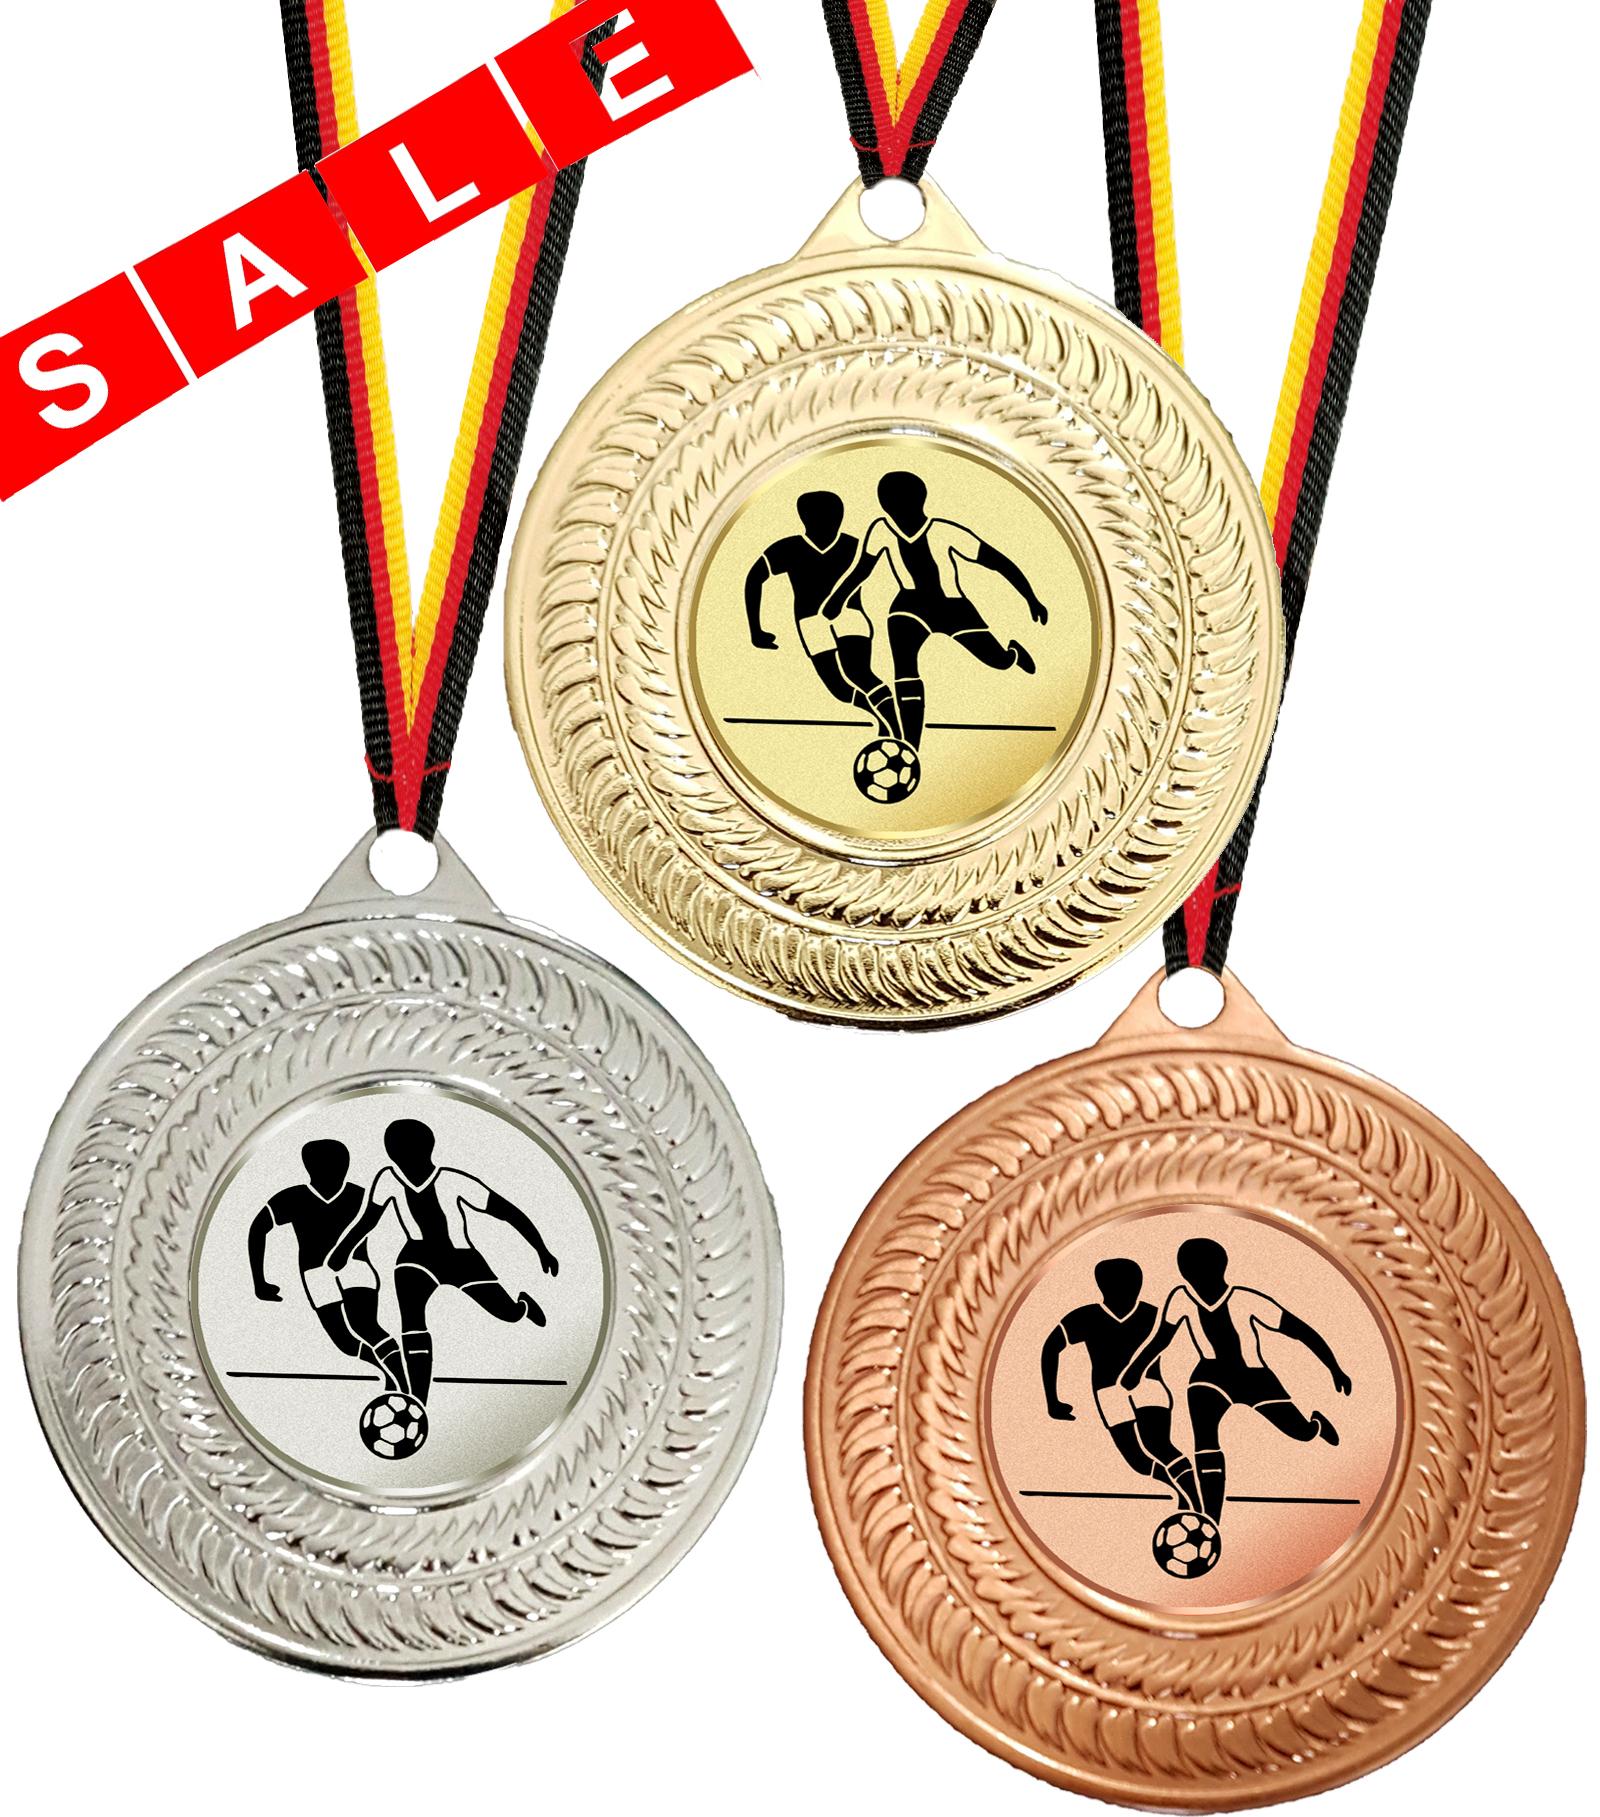 Medaille günstig mit Emblem für alle Sportarten Medaillen Standardmedaillen